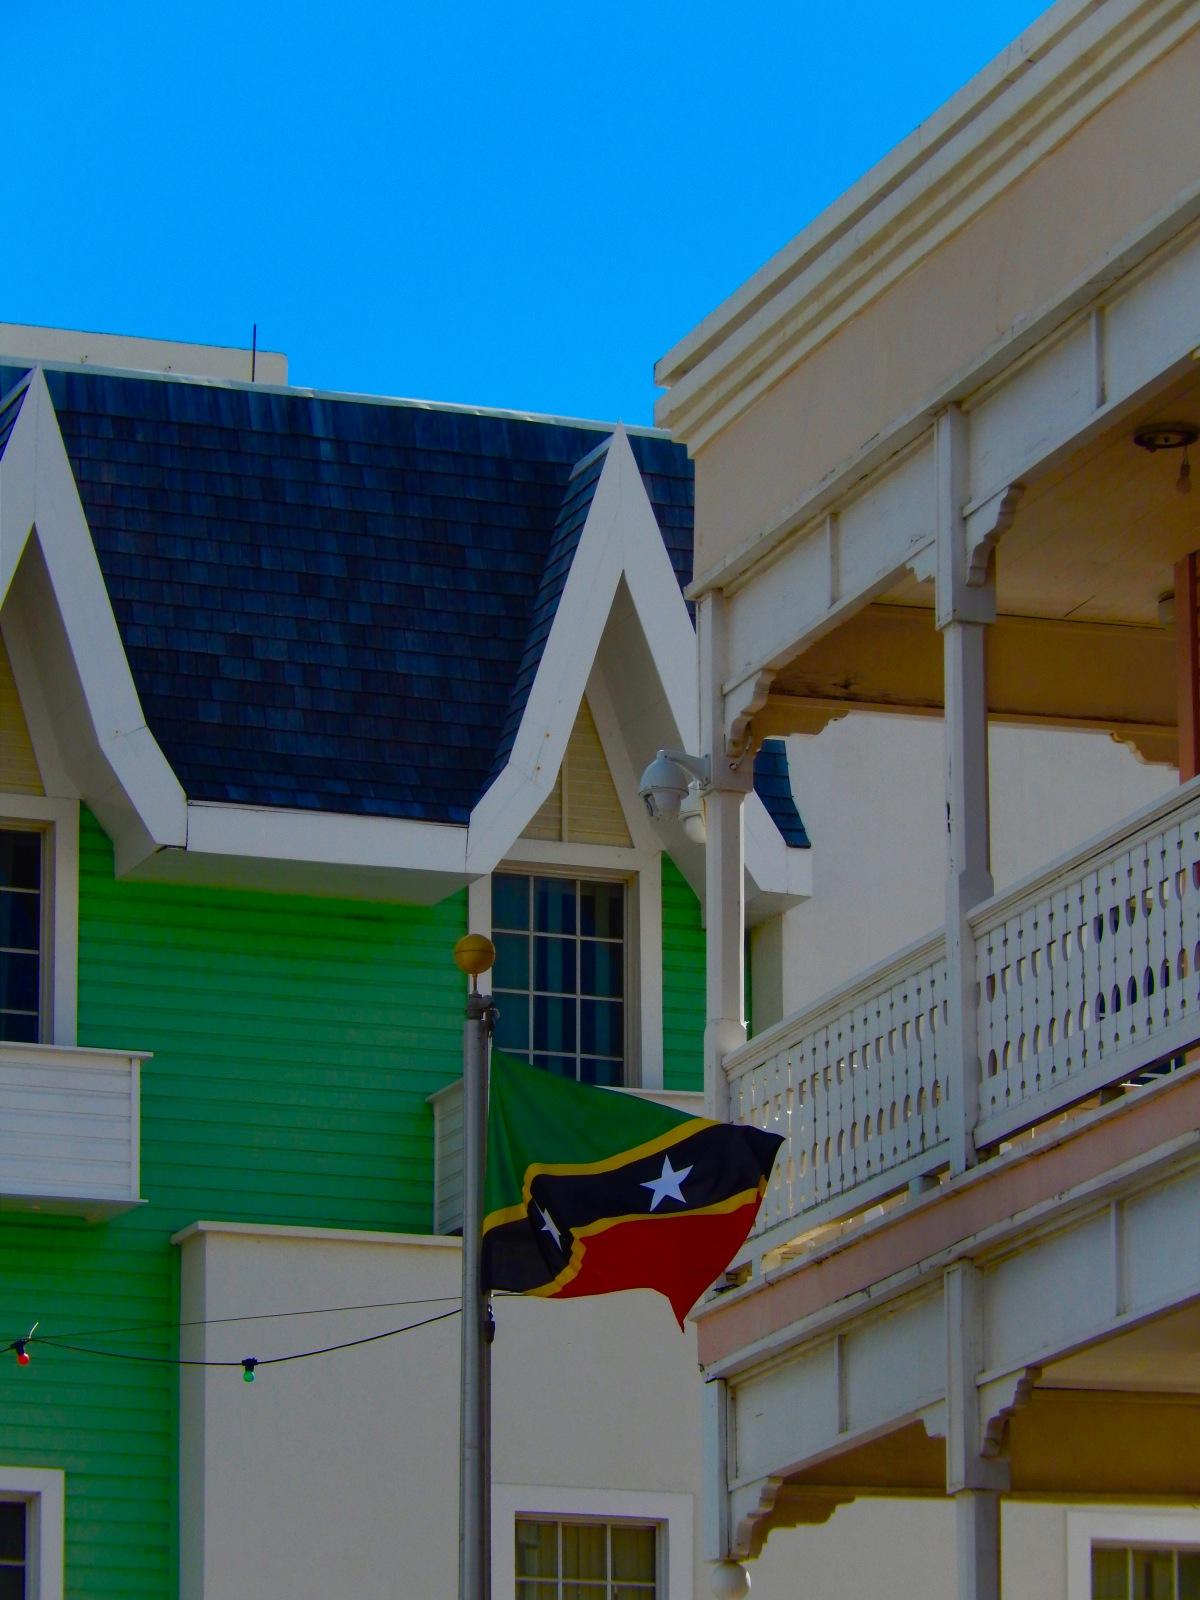 St. Kitts andBasseterre